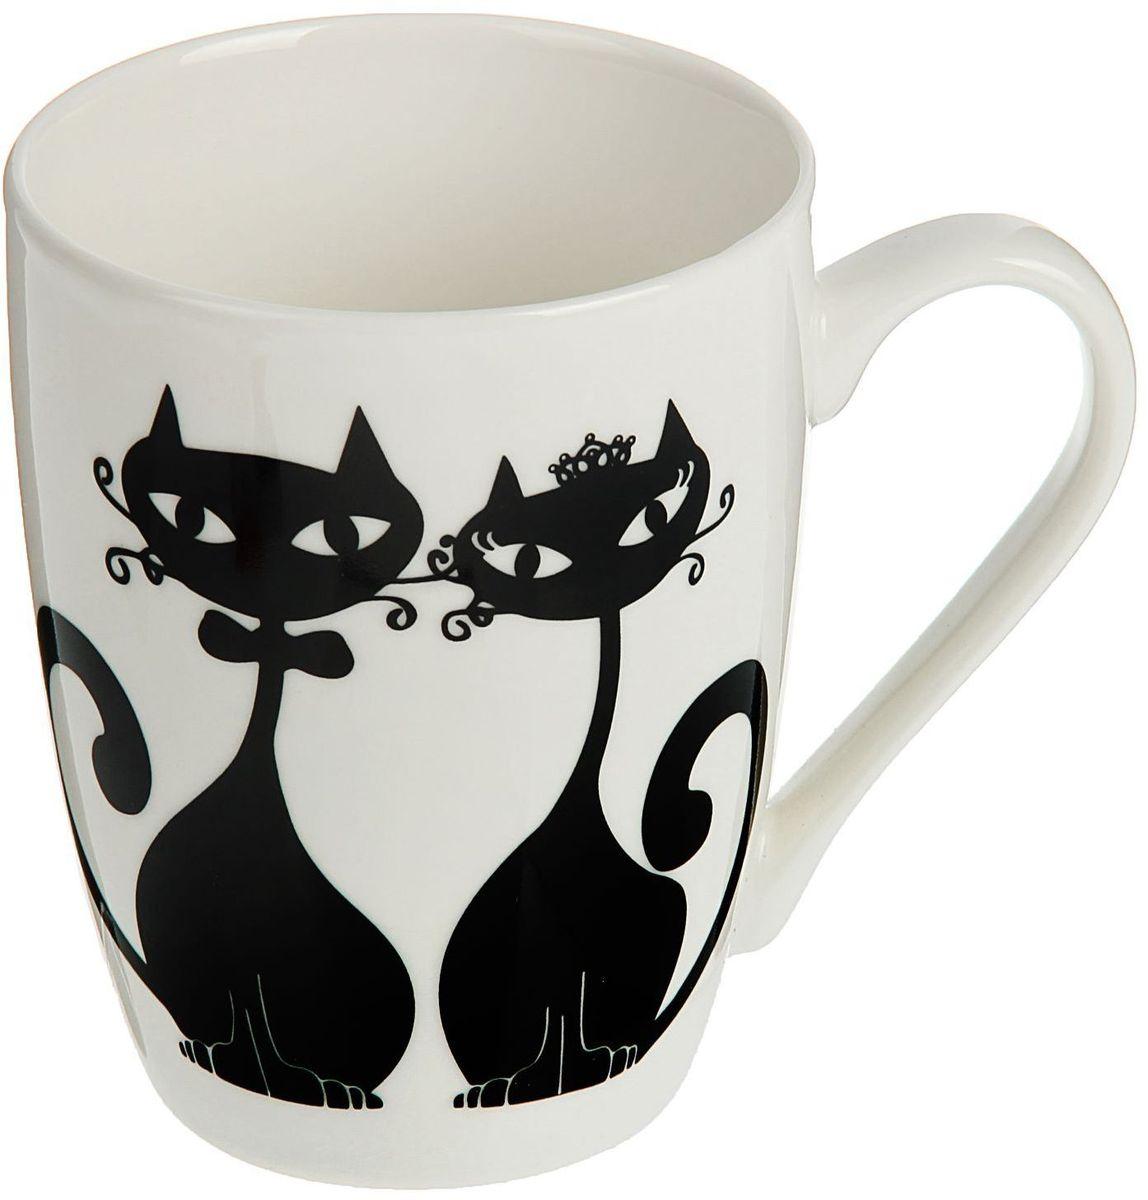 Кружка Доляна Влюбленные коты, 350 мл1116754Кружка Доляна Влюбленные коты изготовлена из керамики. Она украшена оригинальным рисунком с кошками. Кружка станет отличным подарком для родных и близких. Это любимый аксессуар на долгие годы.Относитесь к изделию бережно, и оно будет дарить прекрасное настроение каждый день.